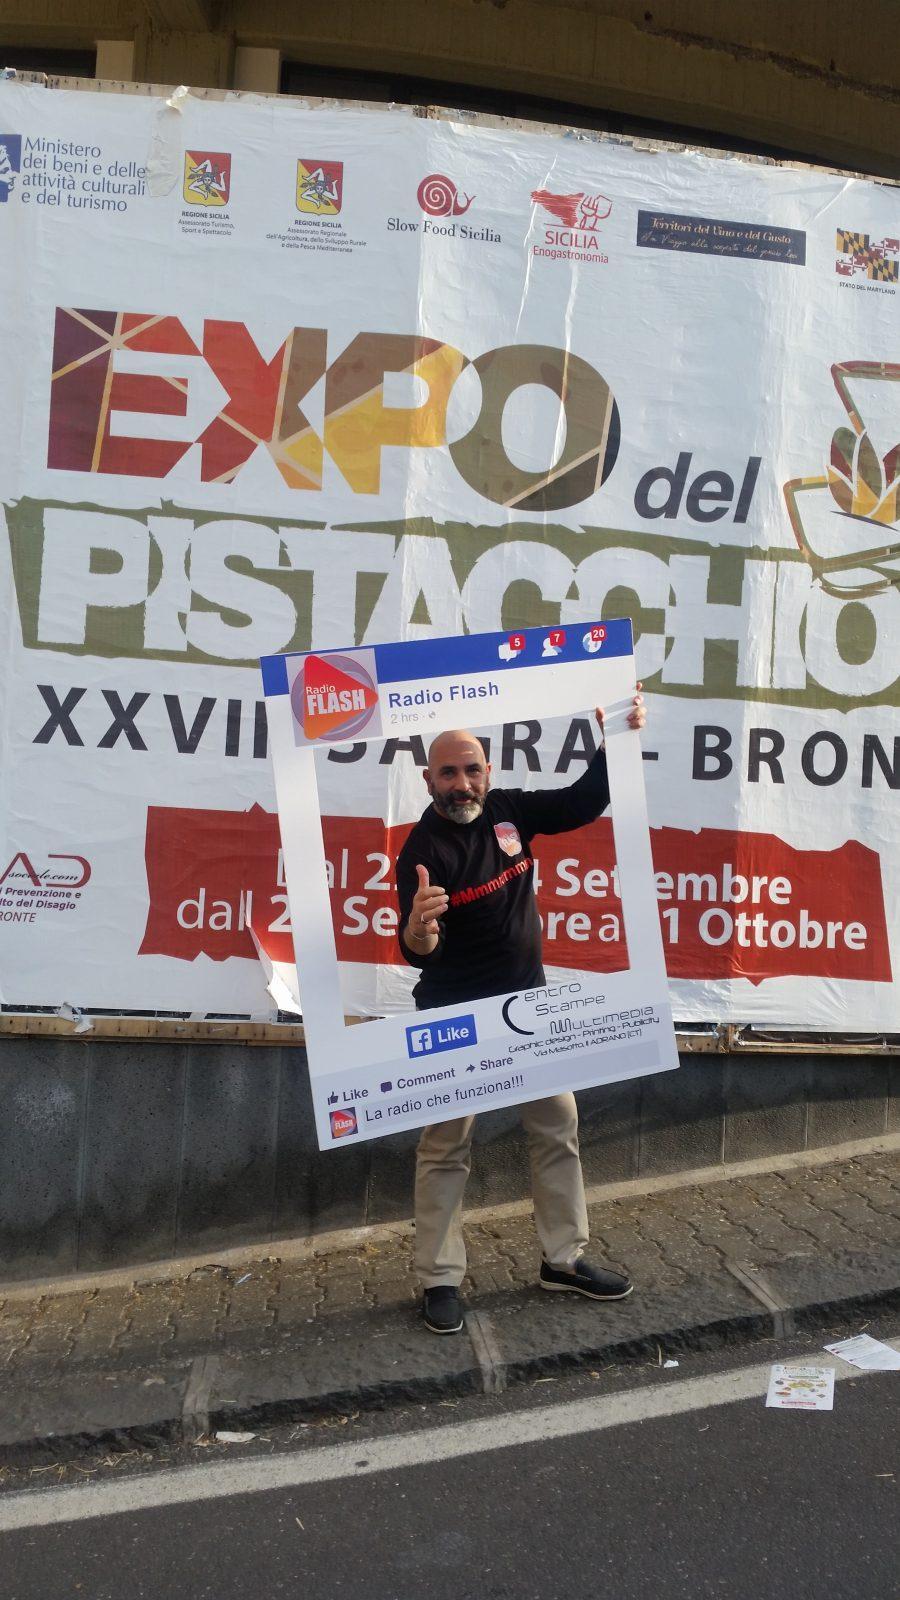 Sagra del Pistacchio_domenica_(01_10_2017)2017_ (32)